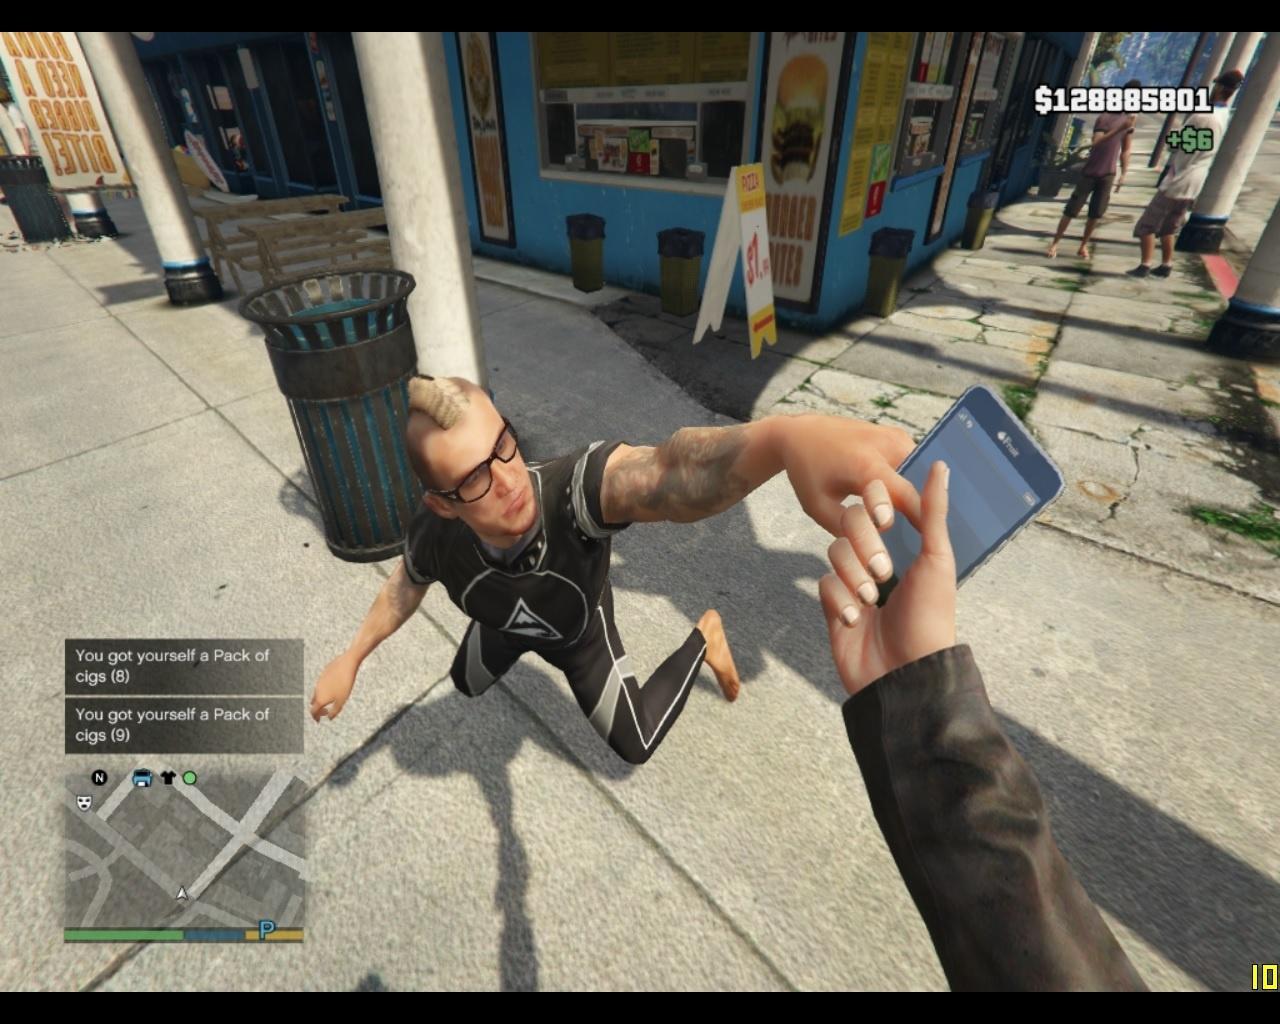 Der Spieler klaut ein Handy und Zigaretten von einem Passanten